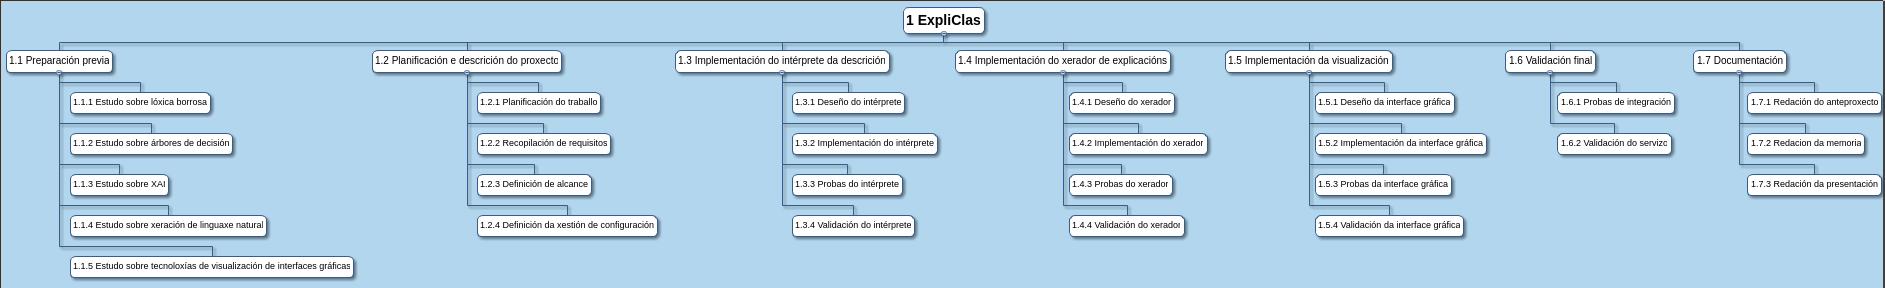 documentacion/memoria/figuras/edt.png